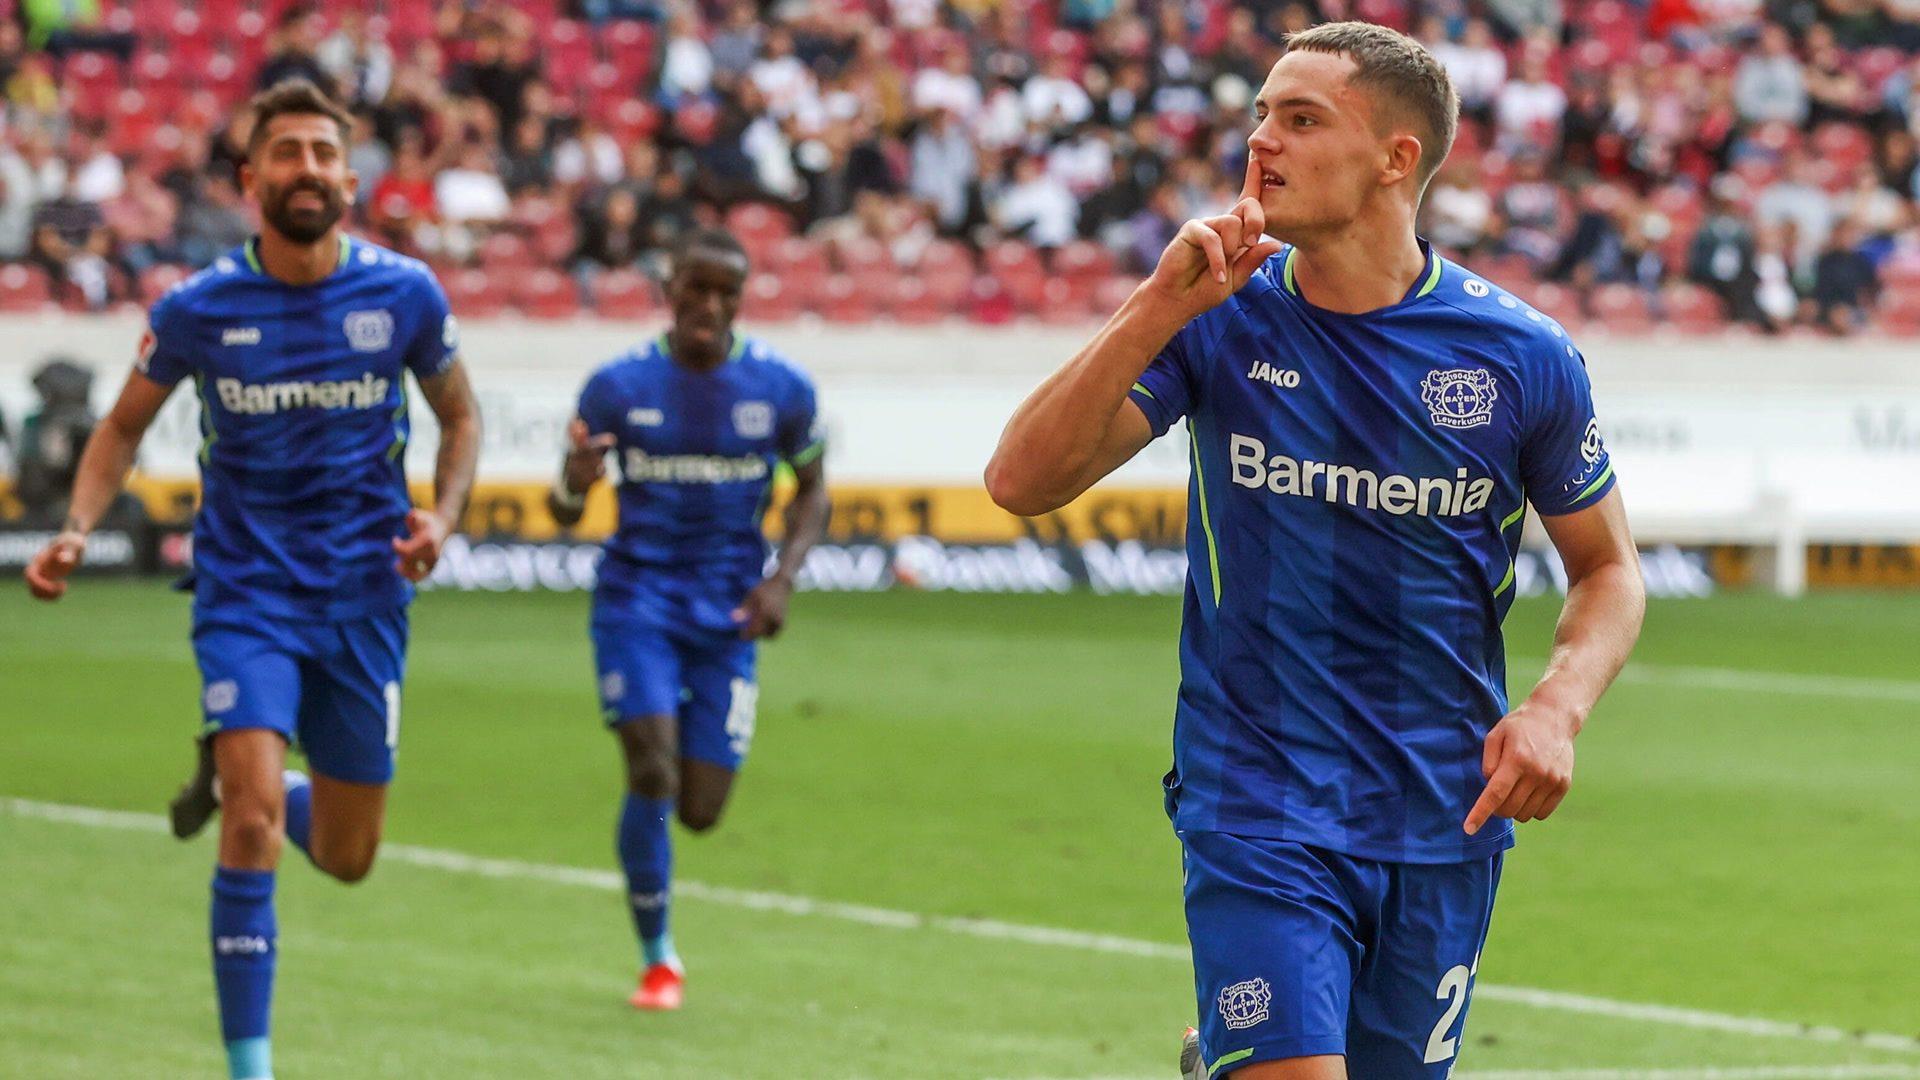 Wirtz inspires Leverkusen to win in Stuttgart